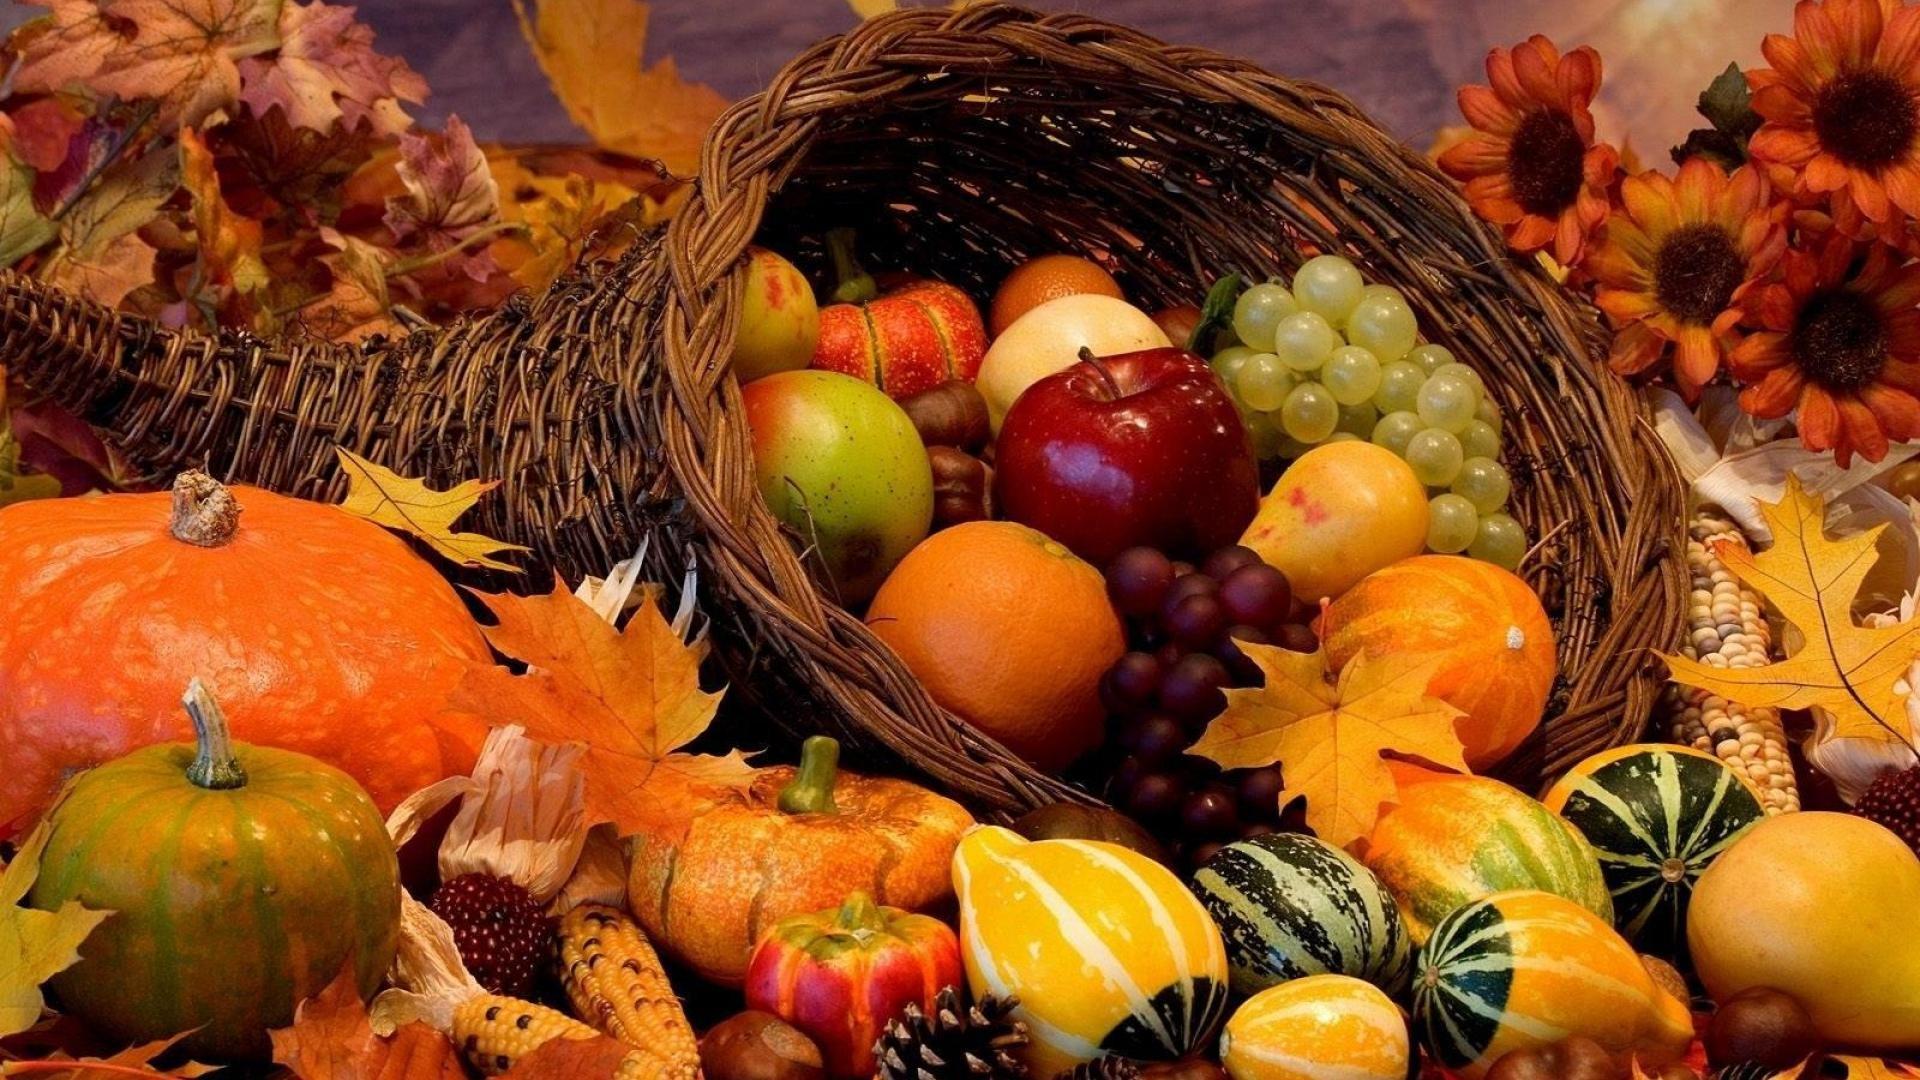 Autumn Harvest Wallpaper Widescreen